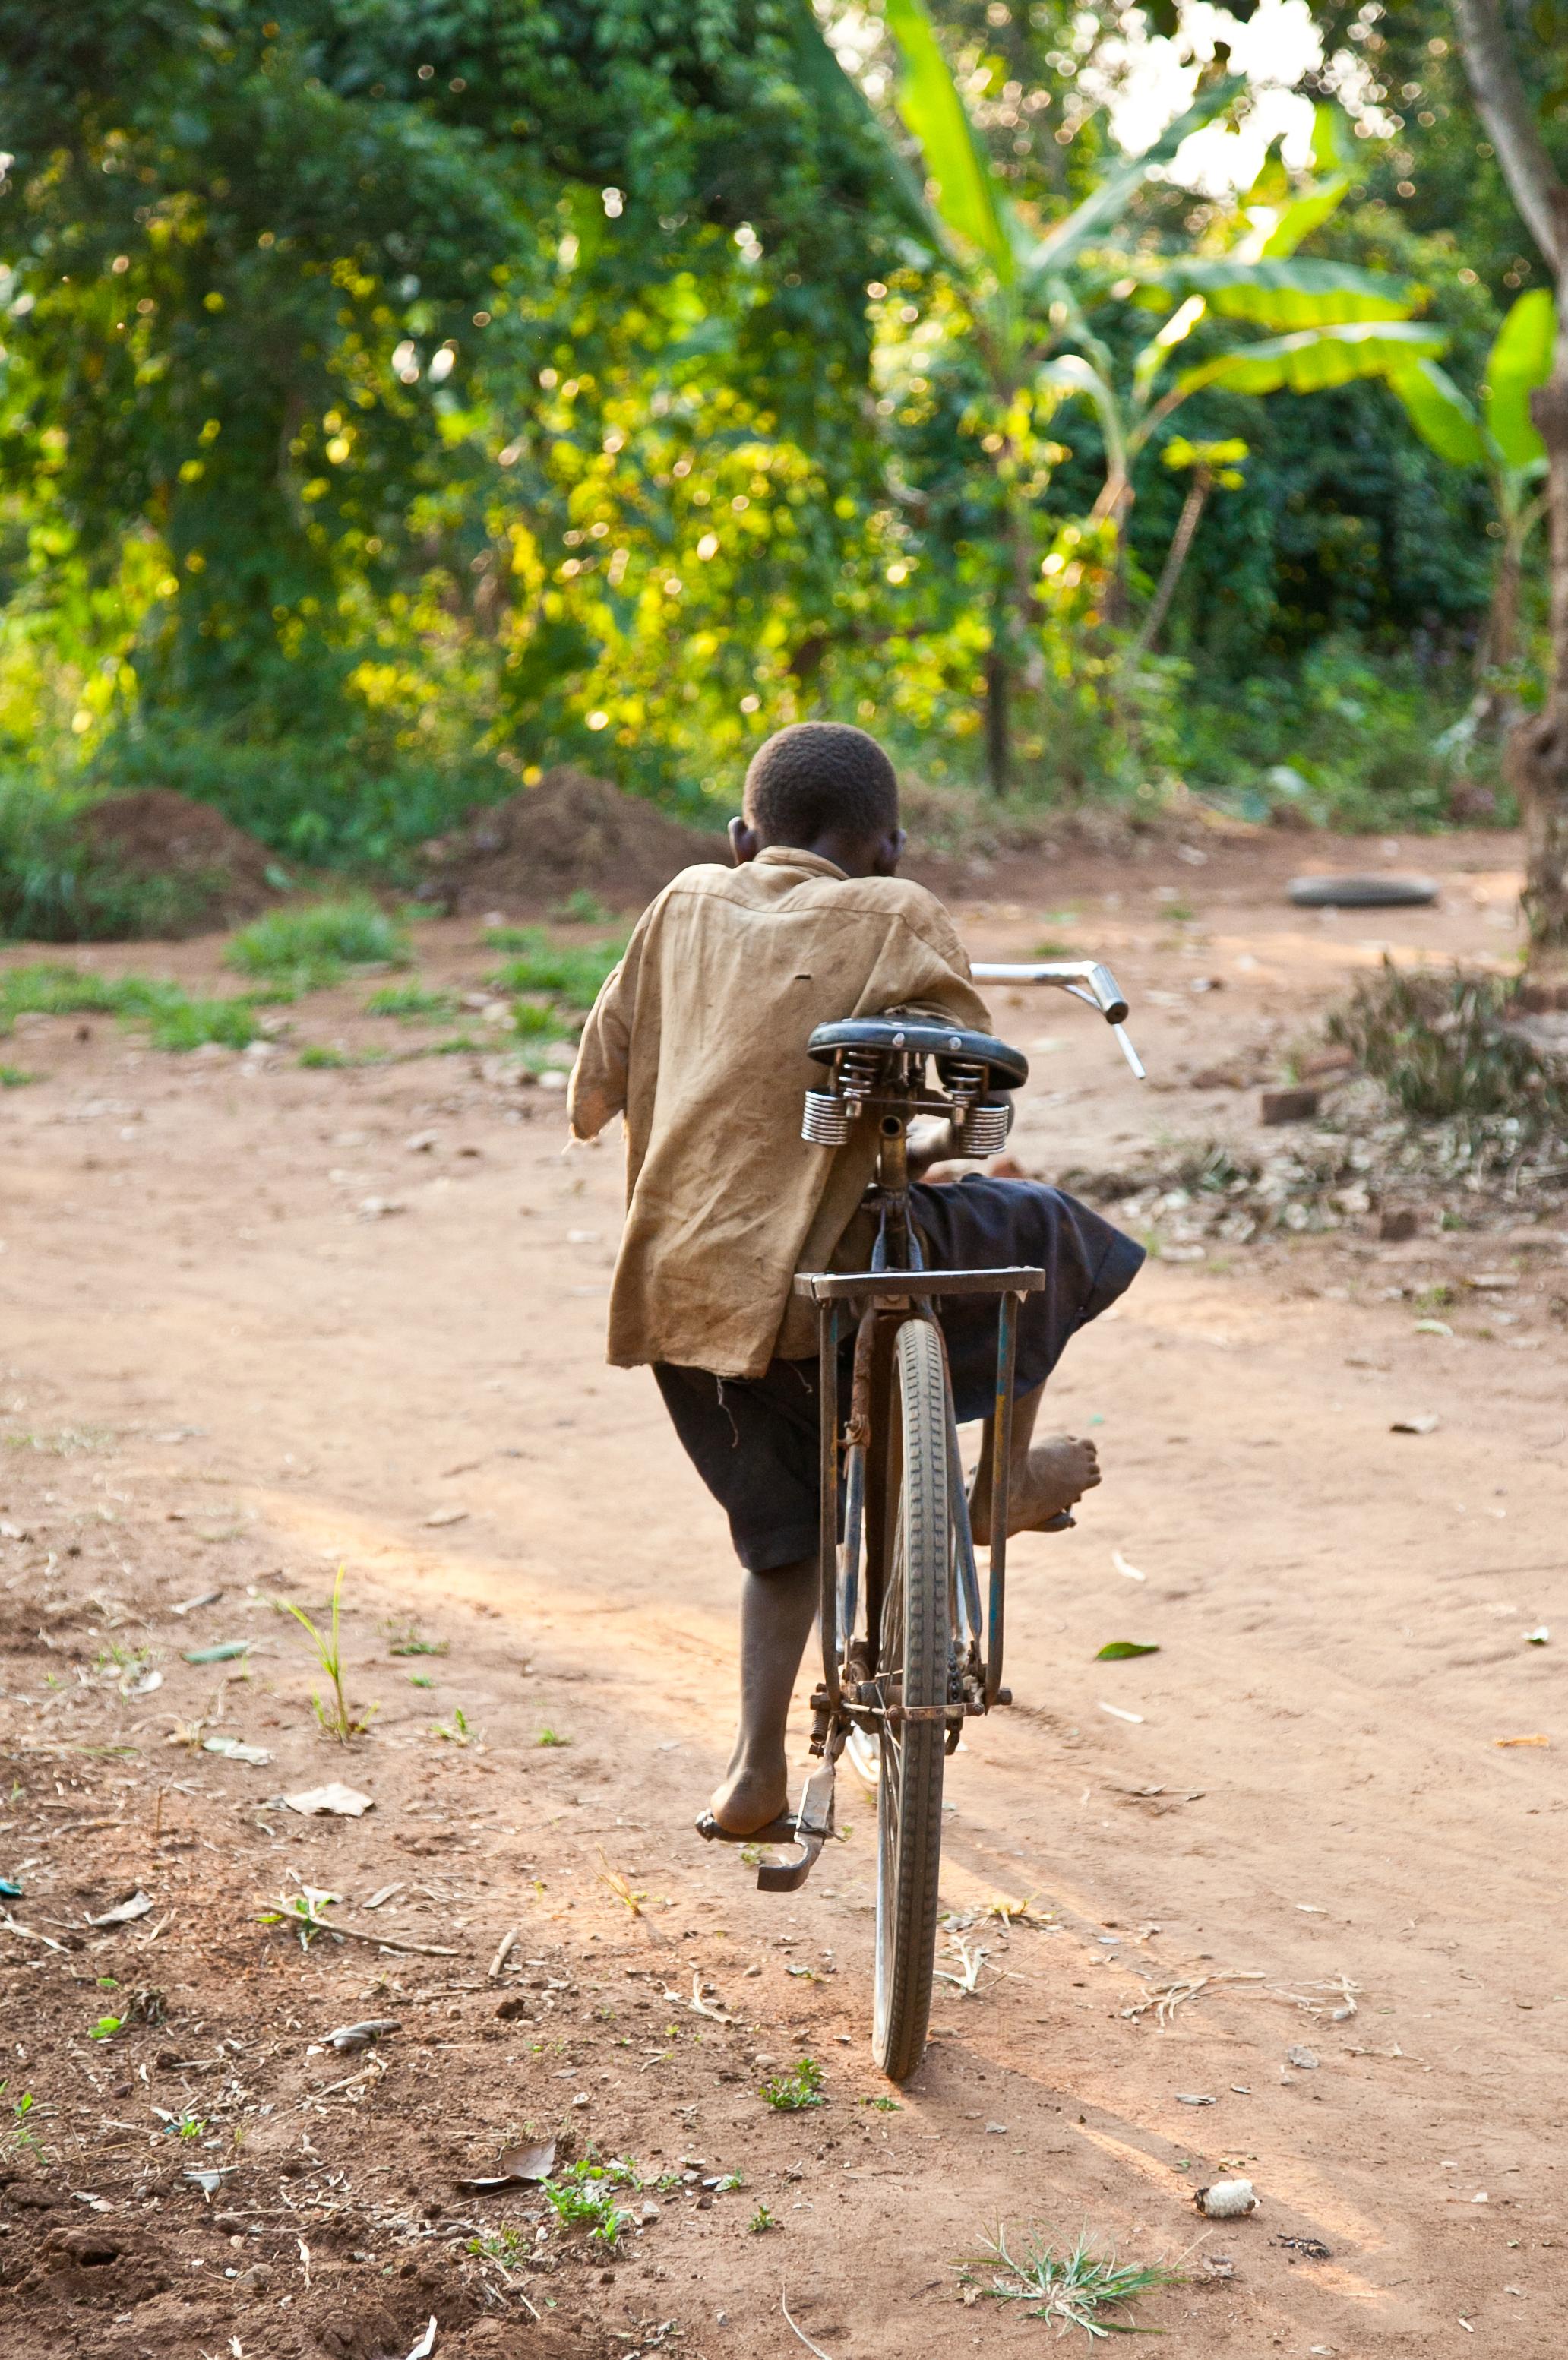 trisa-taro-bike-riding-village-uganda.jpg